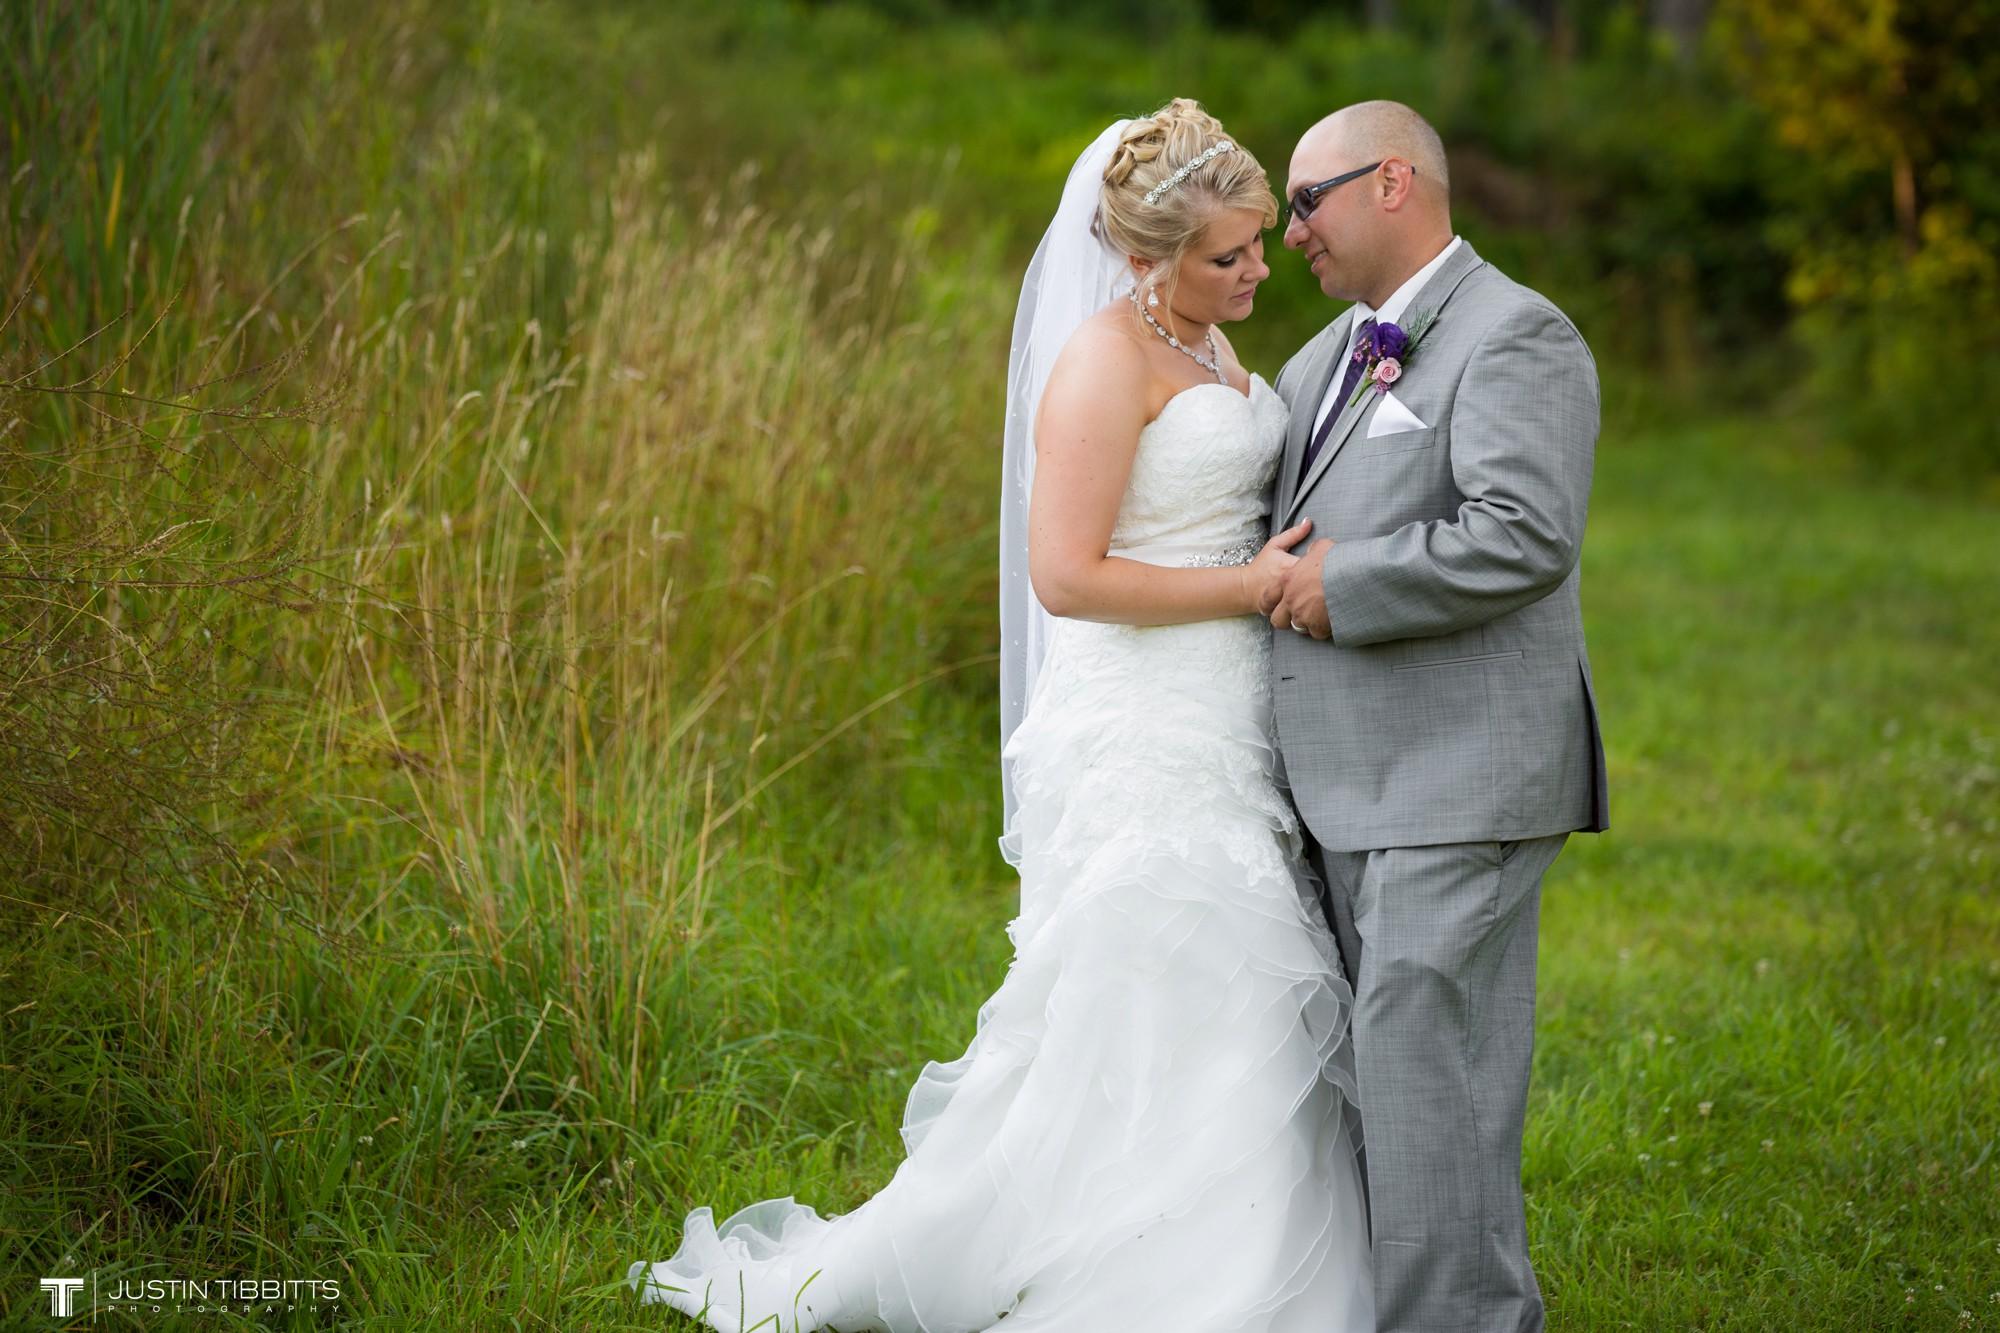 Albany NY Wedding Photographer Justin Tibbitts Photography 2014 Best of Albany NY Weddings-467228